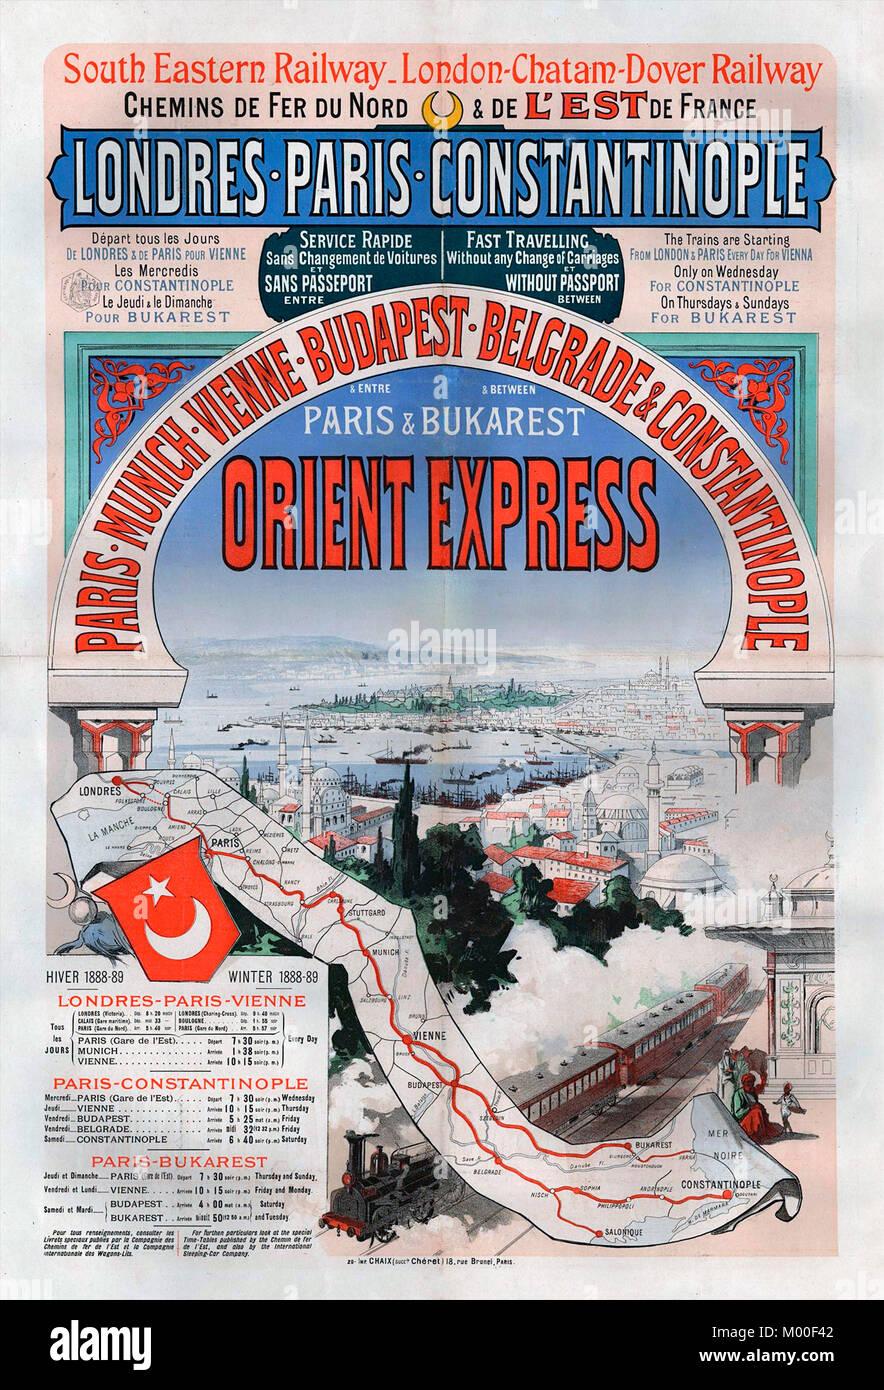 Poster pubblicitari il treno Orient Express viaggio tra Londra e Costantinopoli (Istanbul) nel 1888. Immagini Stock